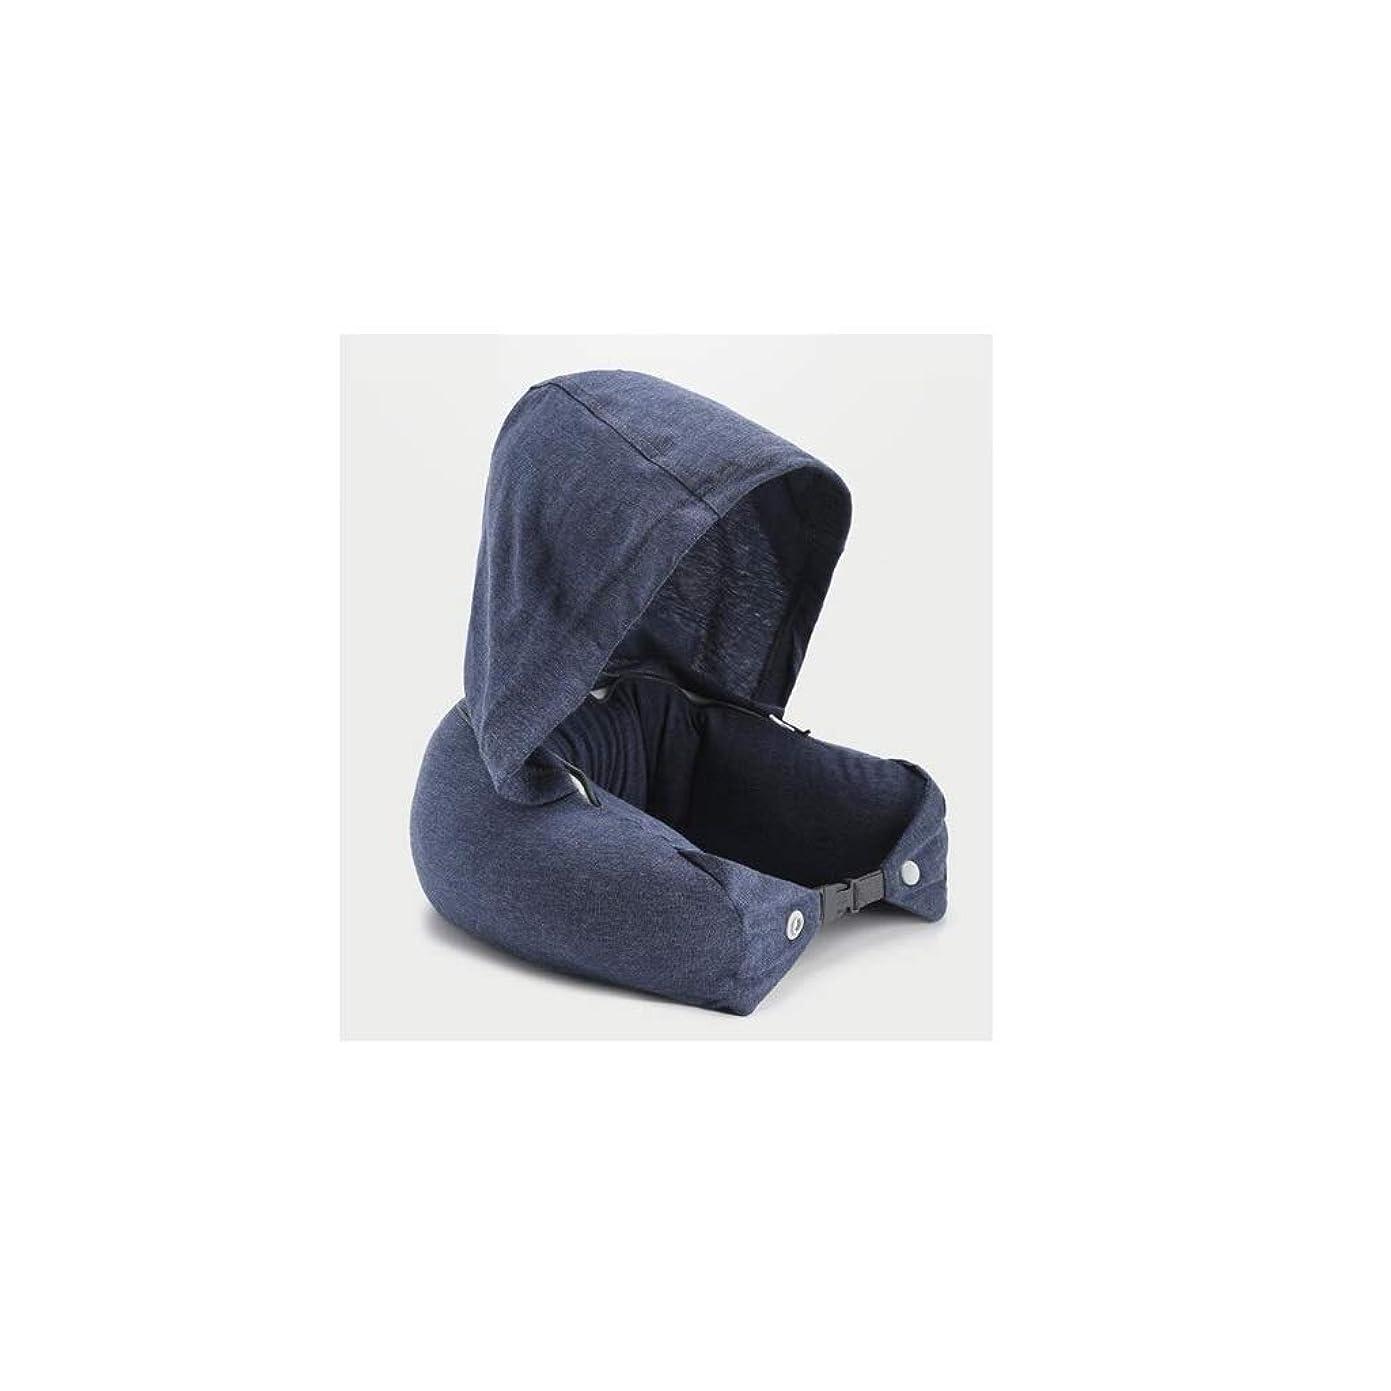 結婚式イソギンチャク新鮮なIUYWLU字型の枕 U字型枕ラテックスフード付きホームオフィスシングル頸部枕旅行枕シエスタ枕 IUYWLU字型の枕